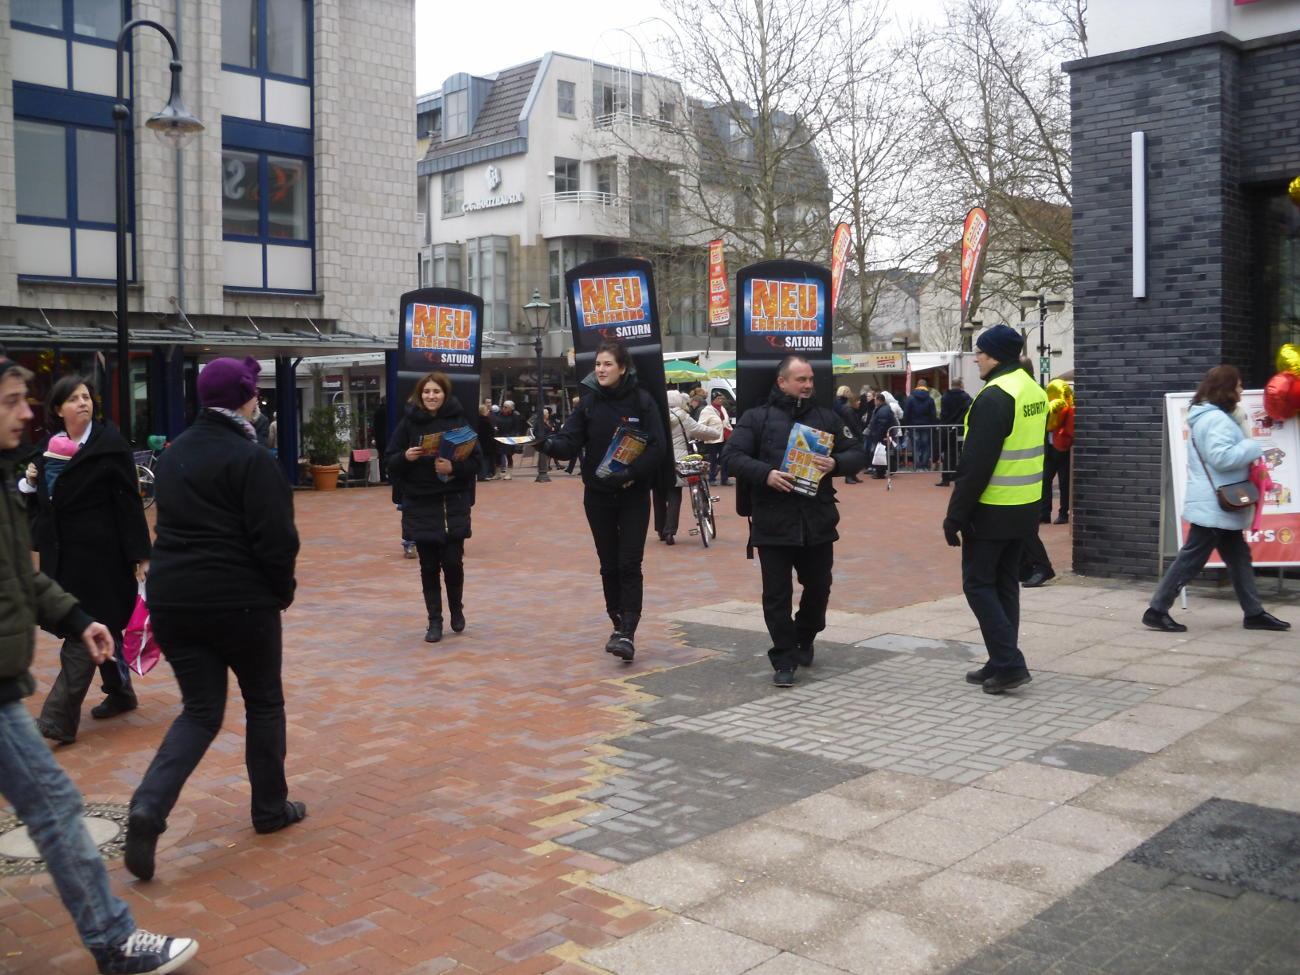 MovingBoard Aktion - Werbung in Fußgängerzone mit Flyerverteilung